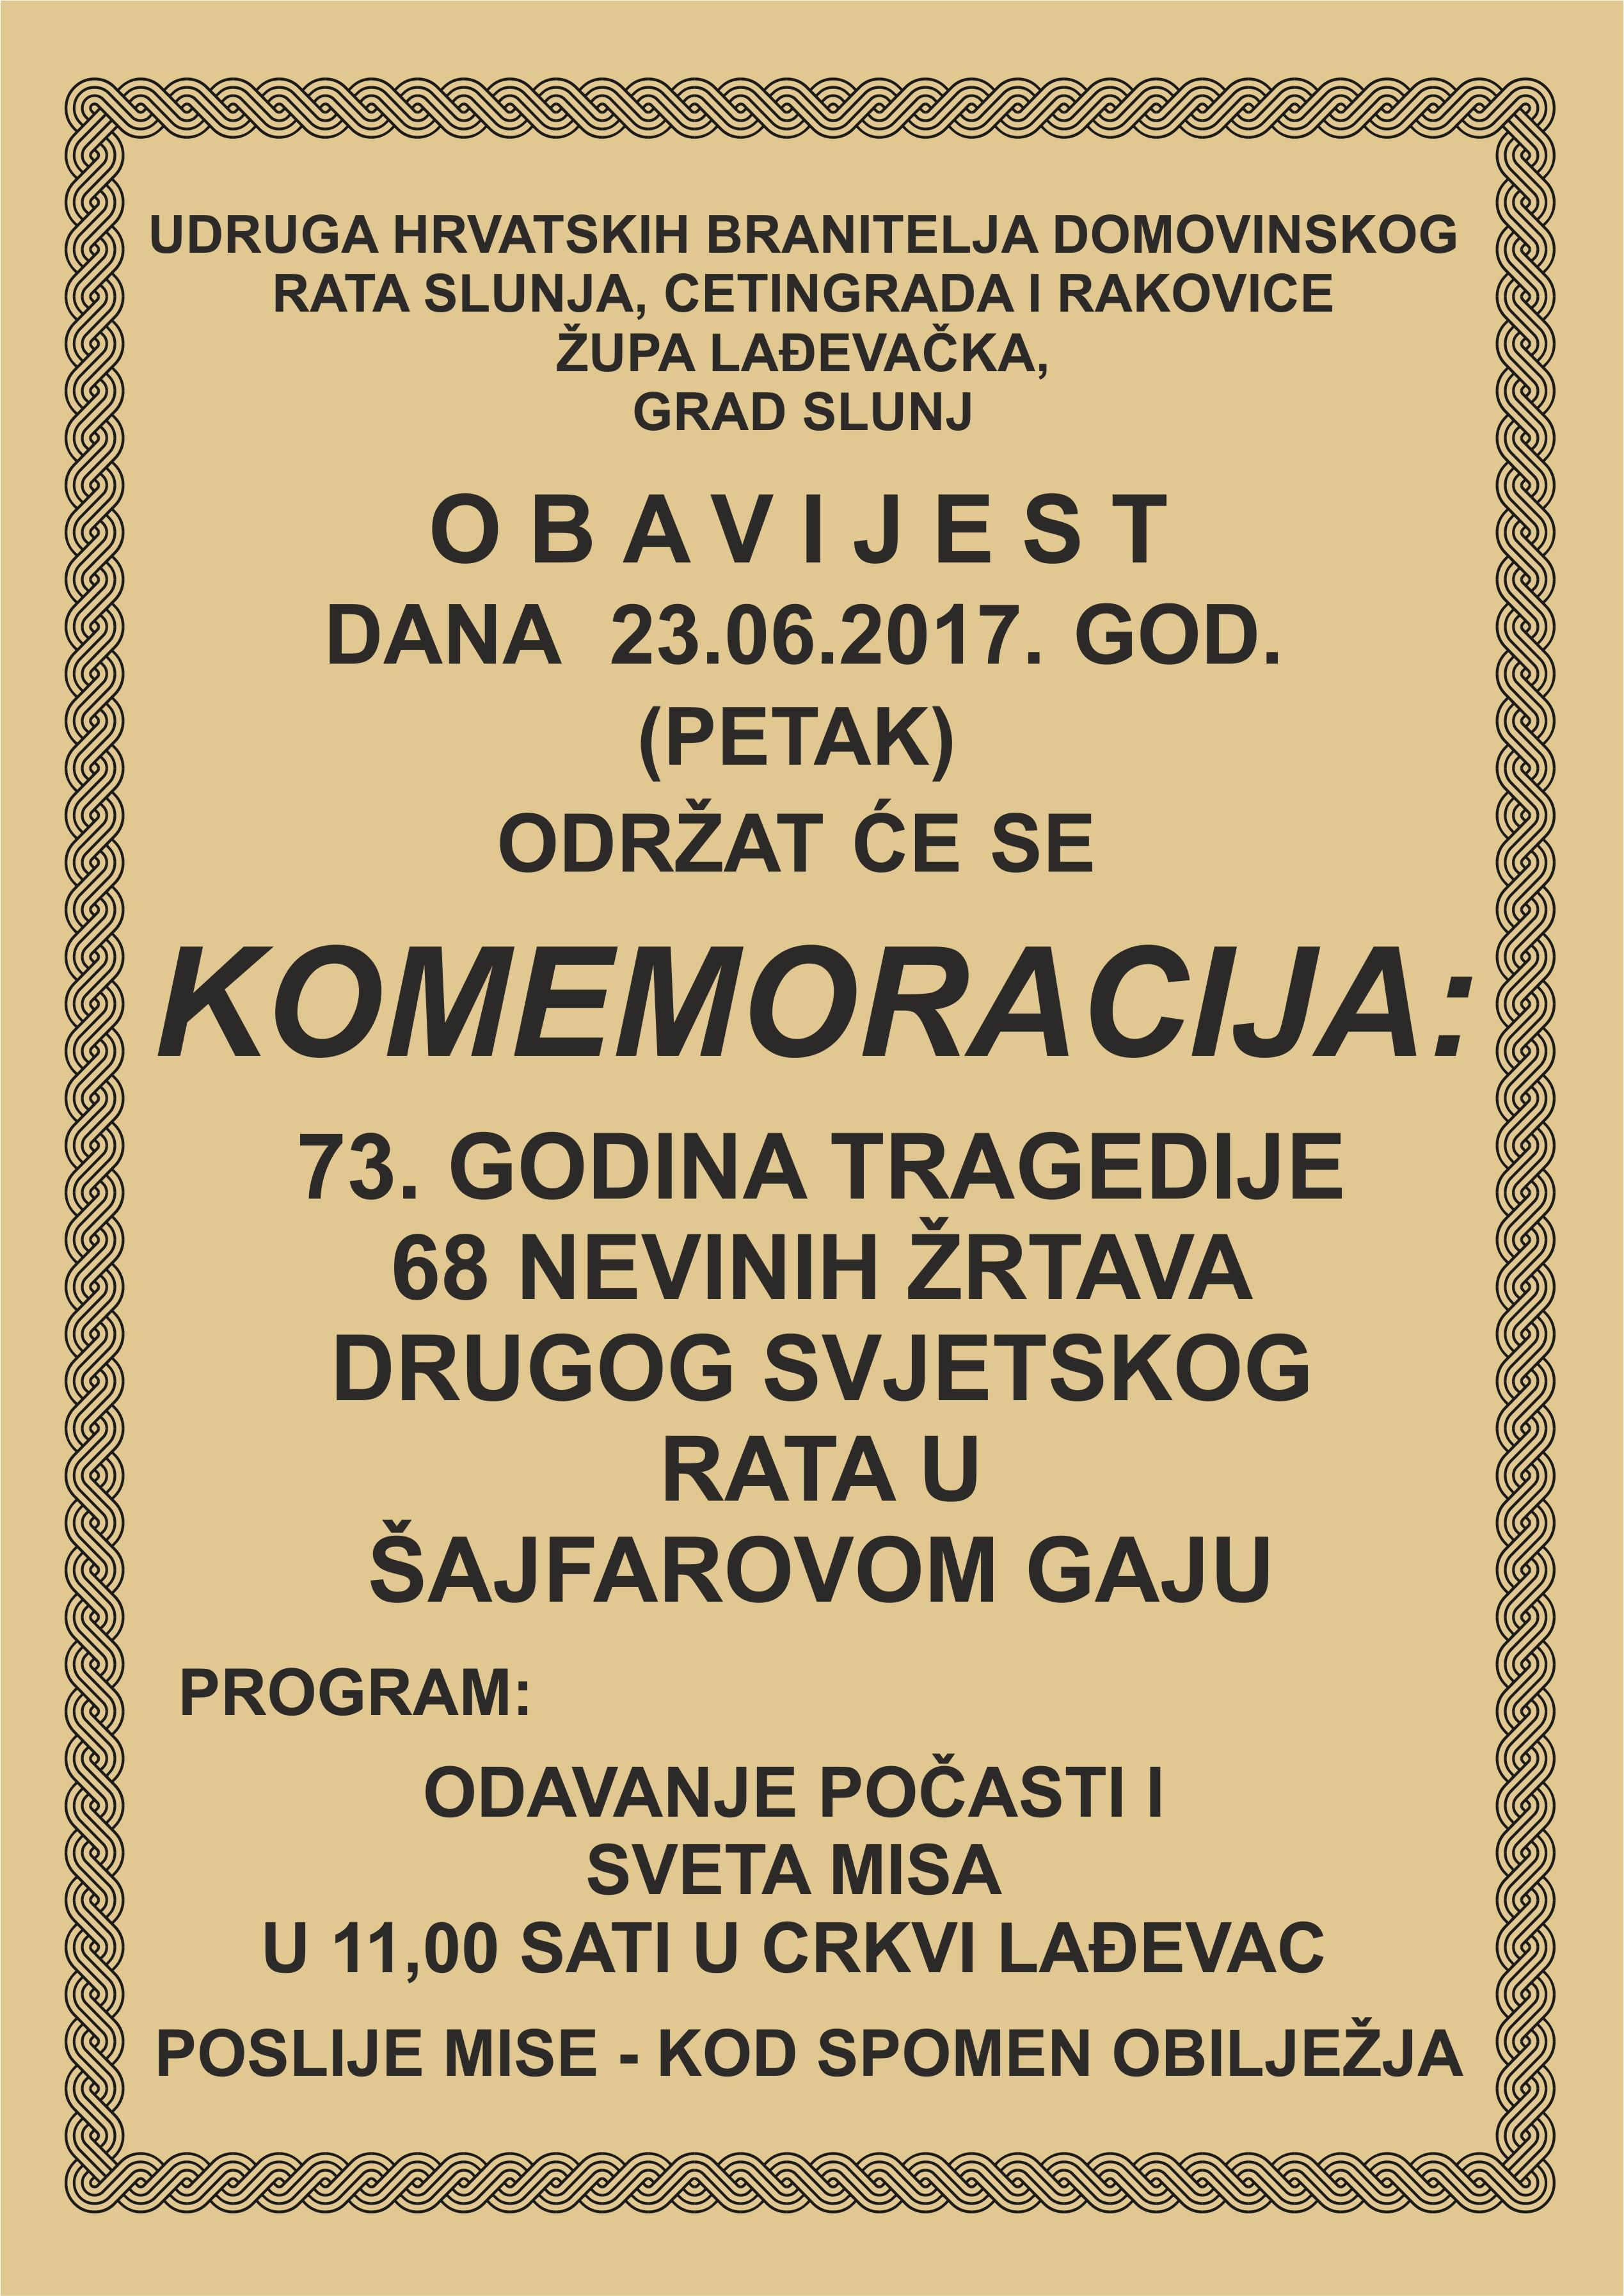 LokalnaHrvatska.hr Slunj Komemoracija zrtvama ii. svj. rata u sajfarovom Gaju